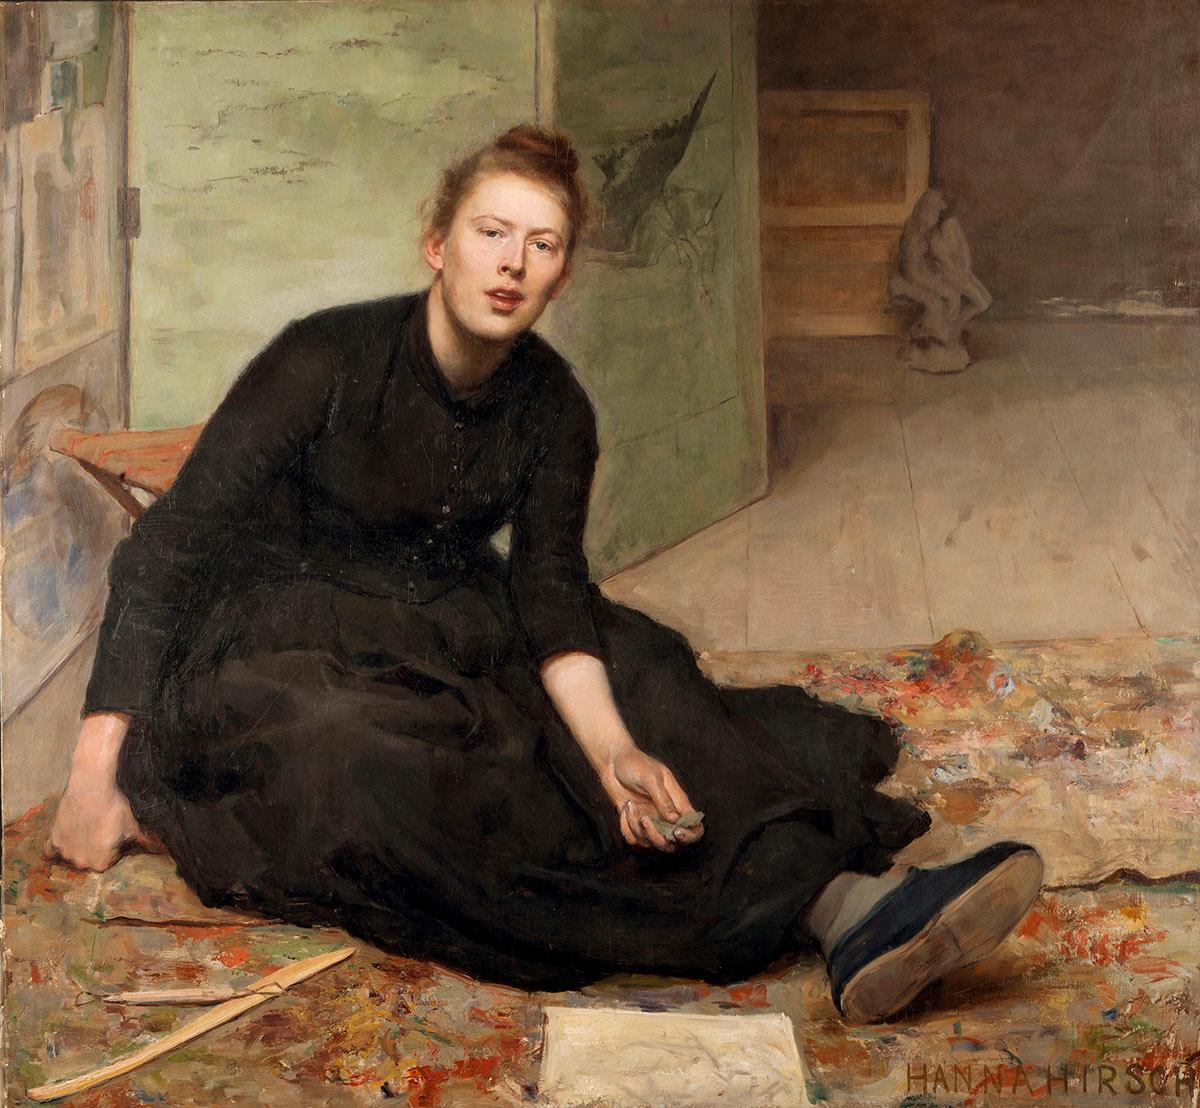 Hanna Hirsch-Paulis porträtt av vännen och skulptören Venny Soldan.